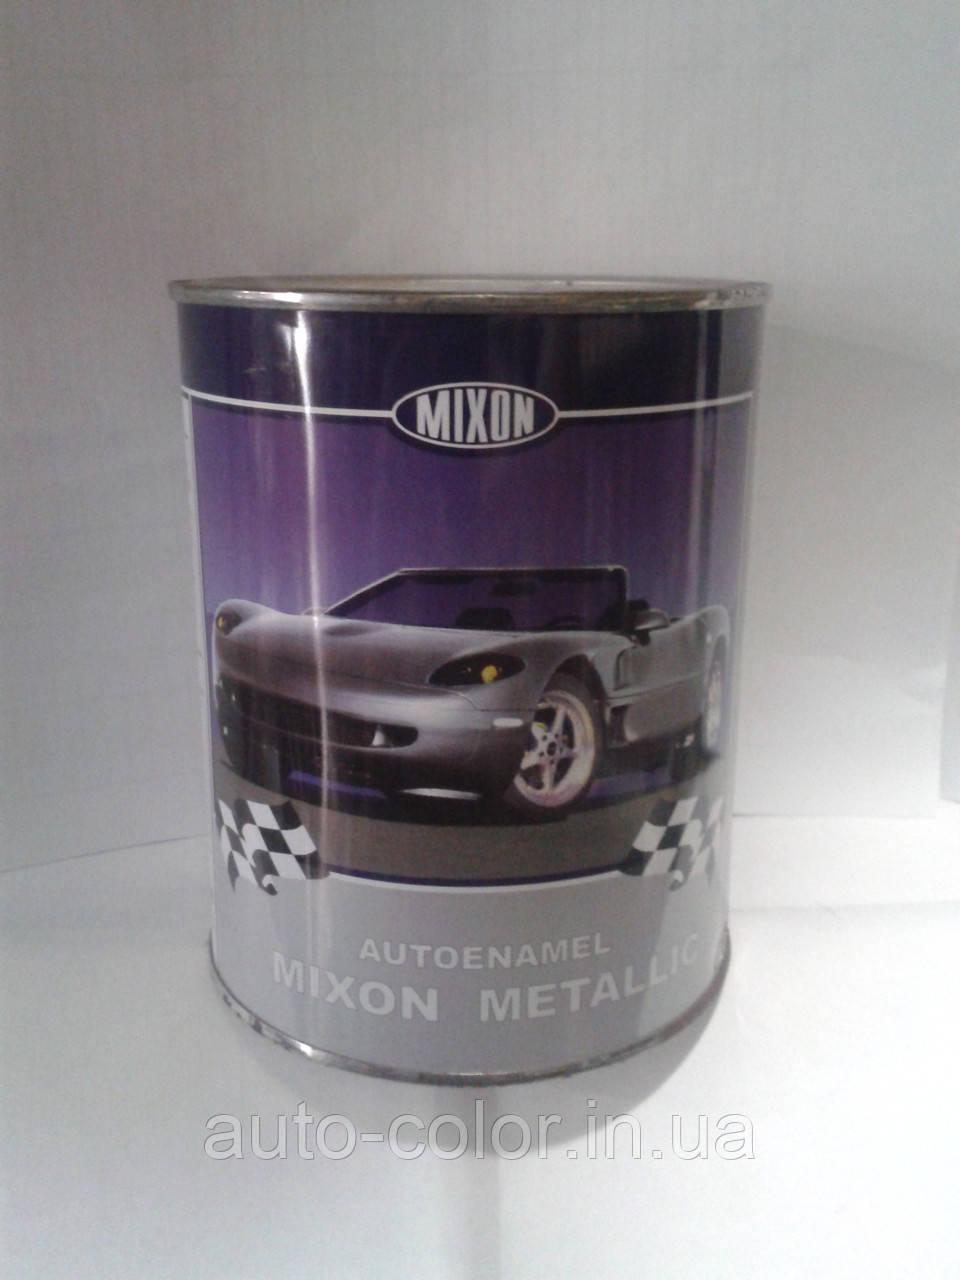 Автоемаль MIXON металік Вікторія 129 1л